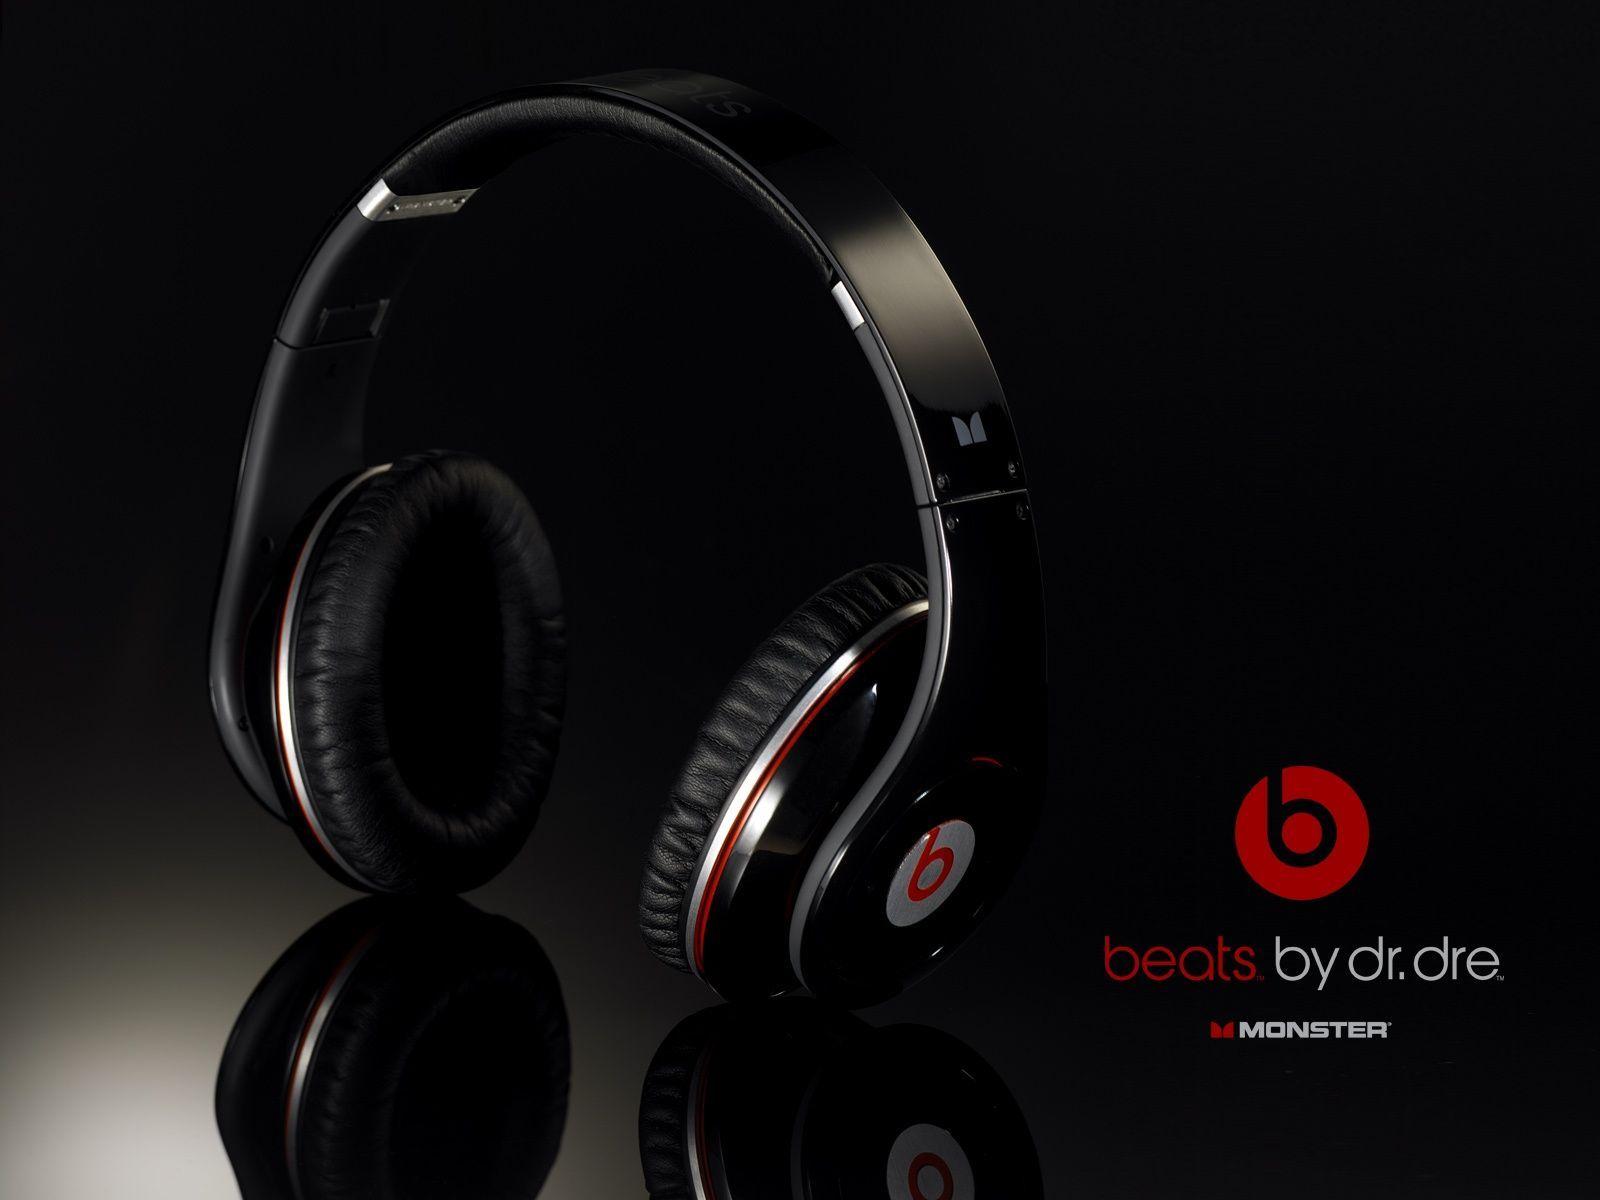 BeatsAudio Wallpapers · 4K HD Desktop Backgrounds Phone ...